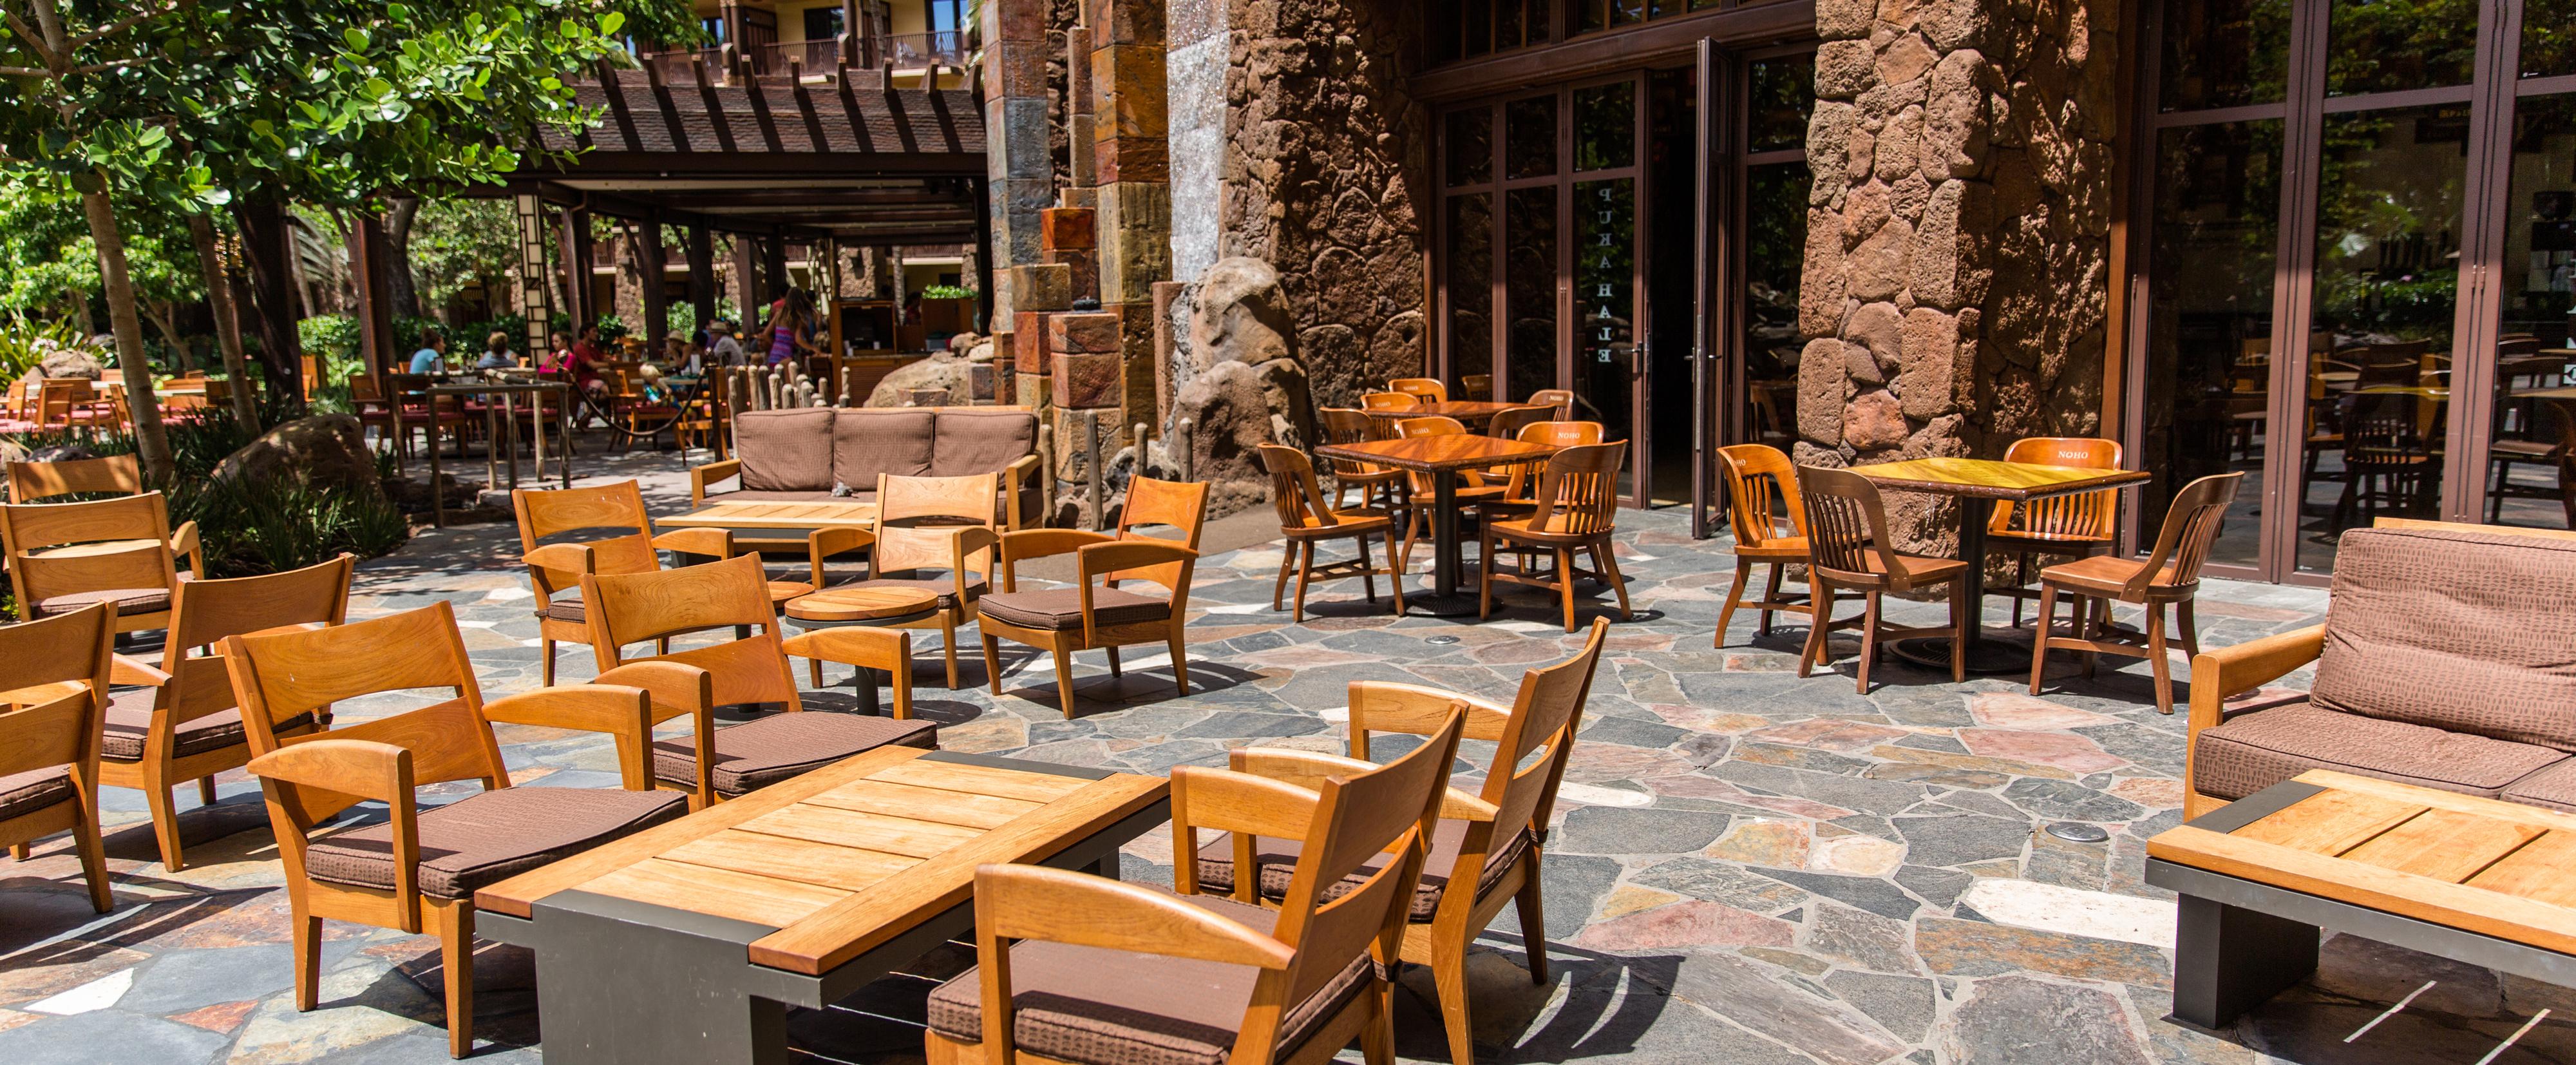 パティオの敷石の上に並ぶ屋外テーブルと 2 つのソファー